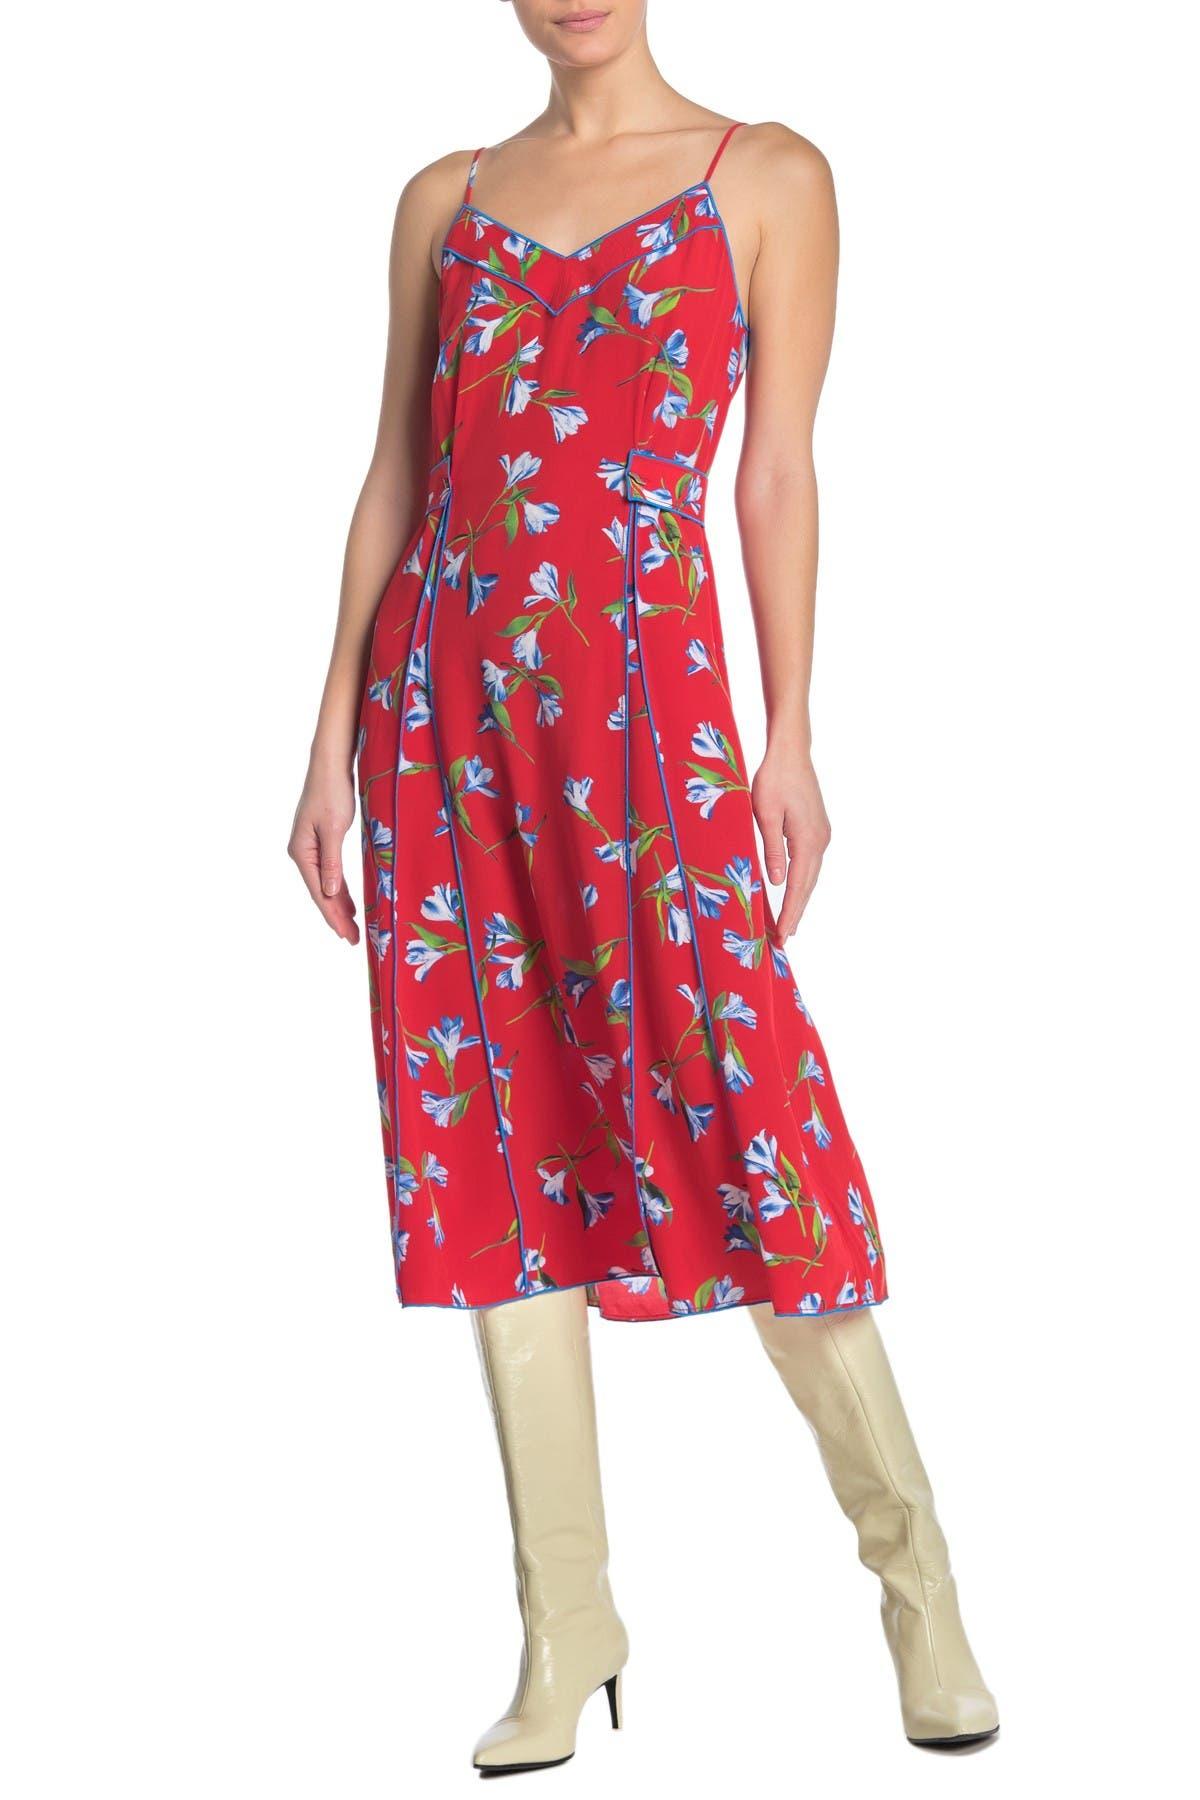 Image of Rag & Bone Hugo Floral Dress